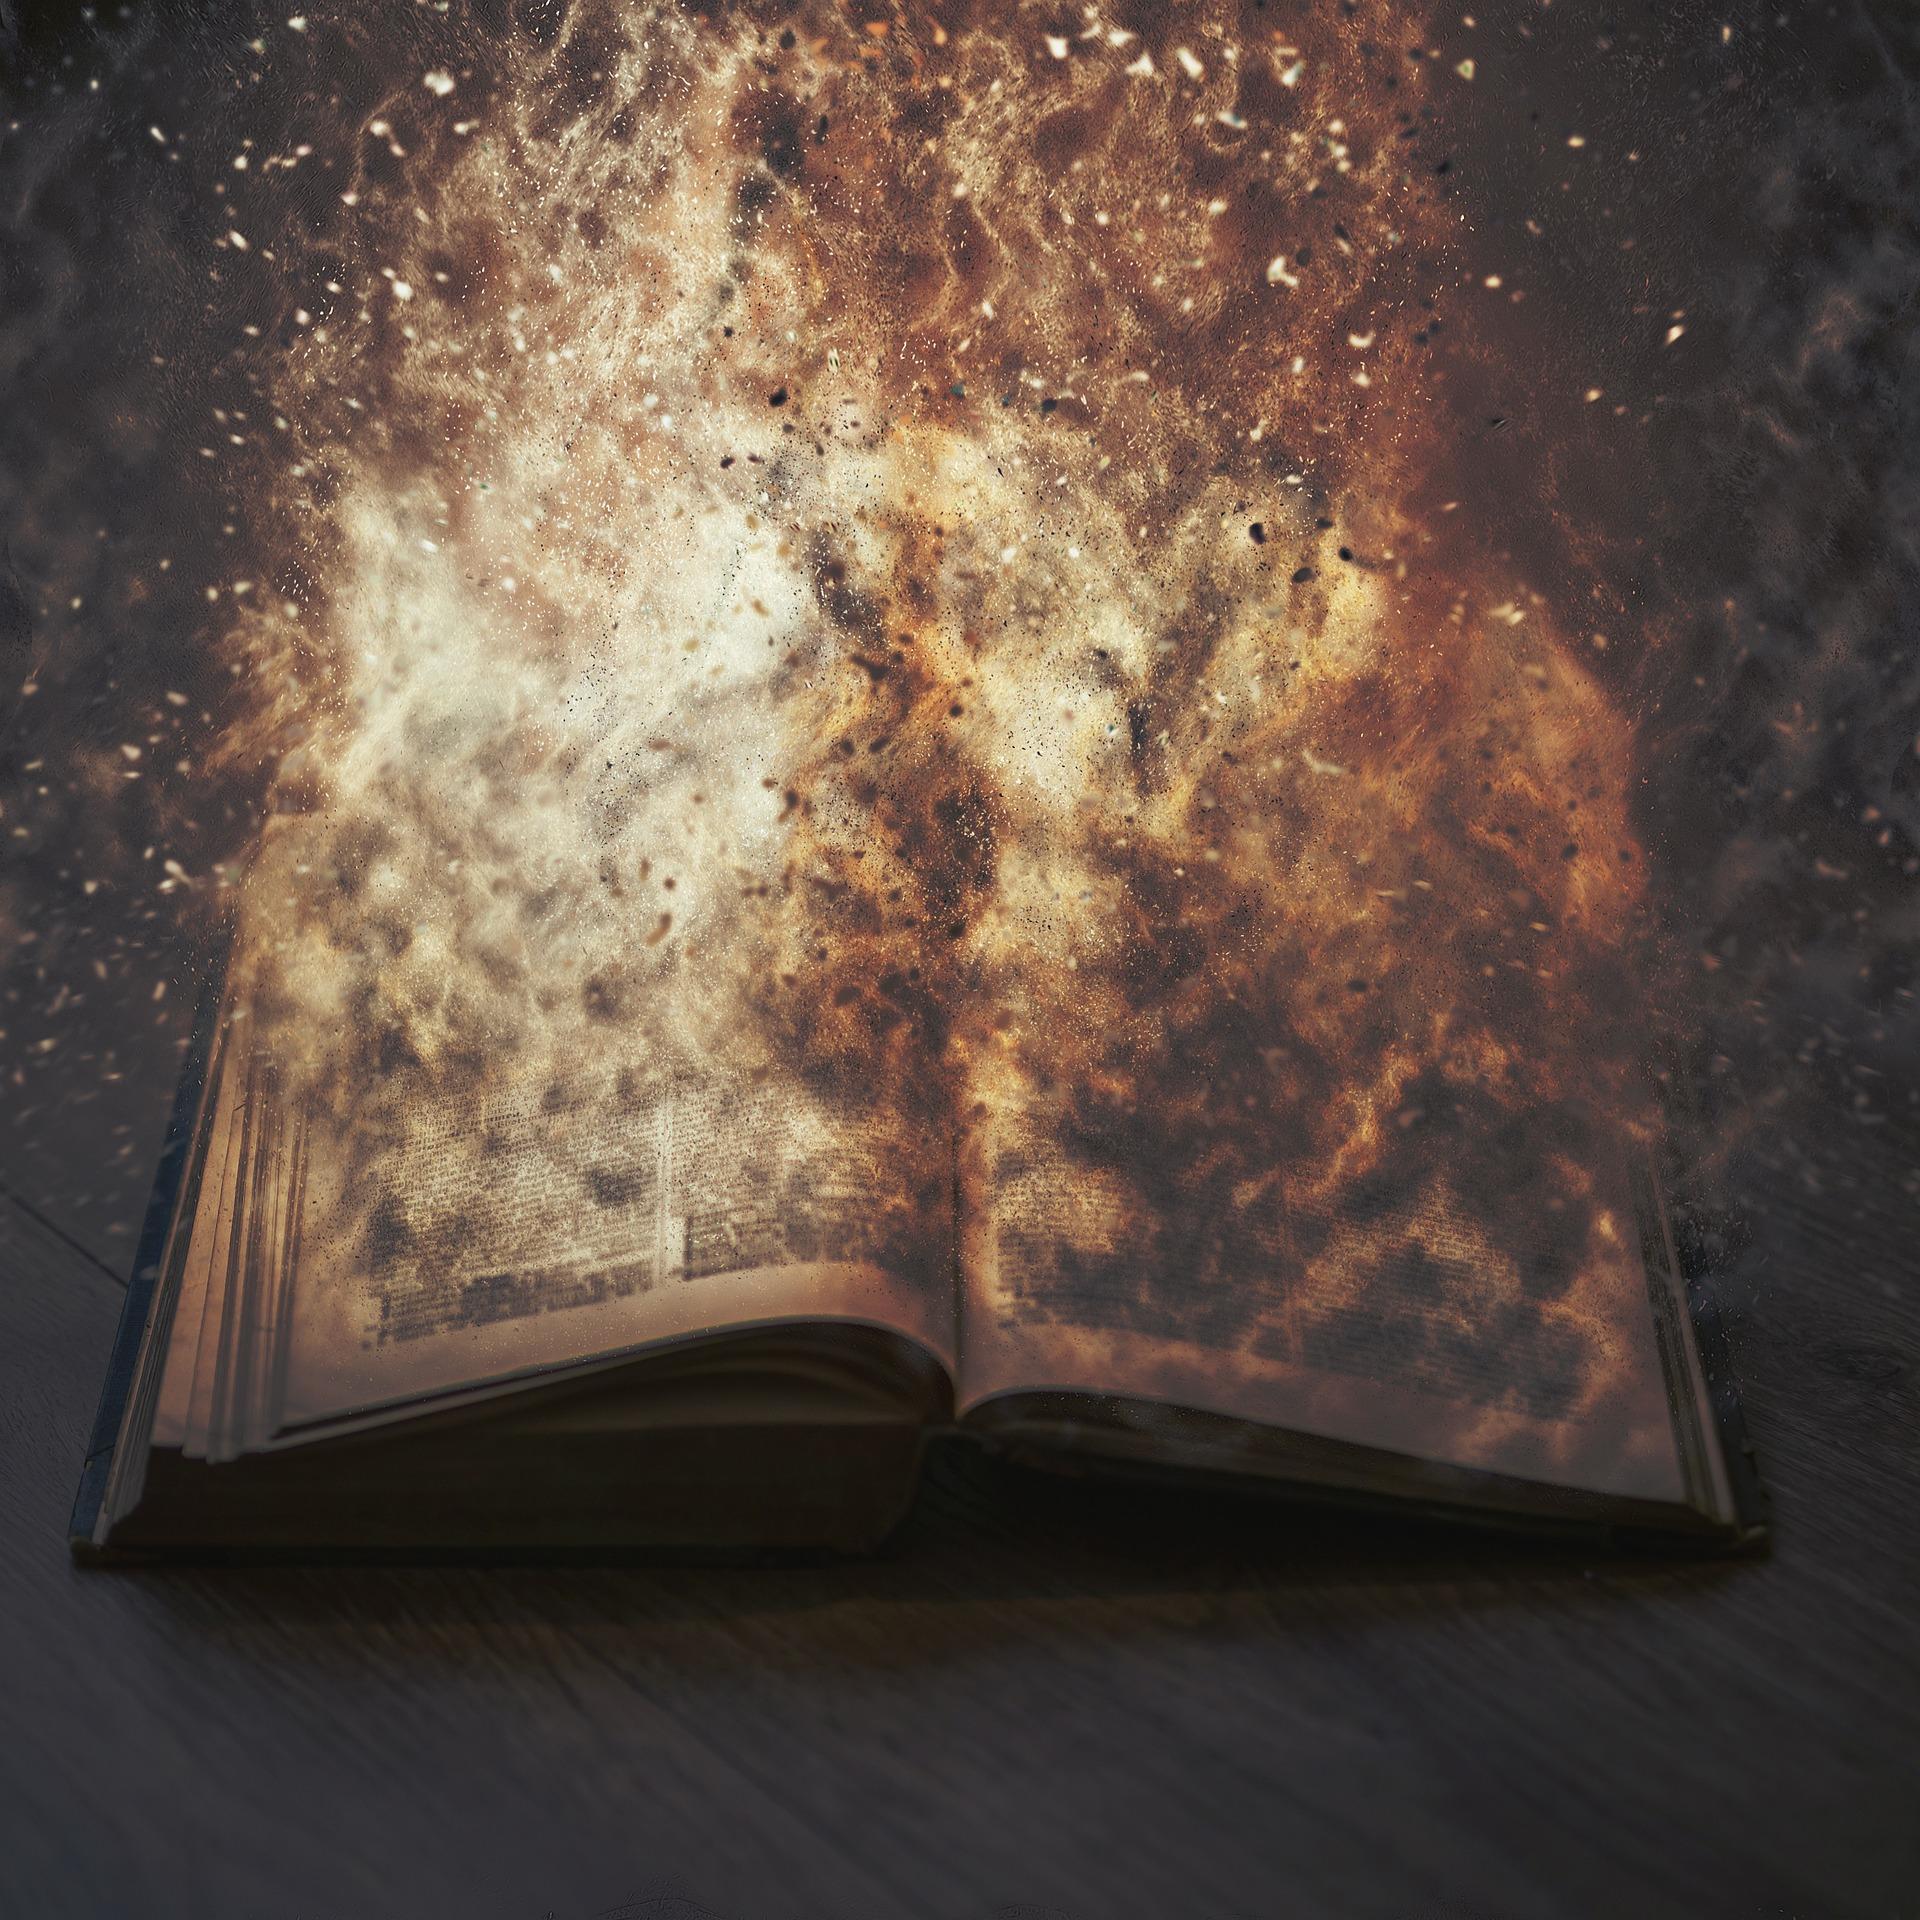 本の上で爆発